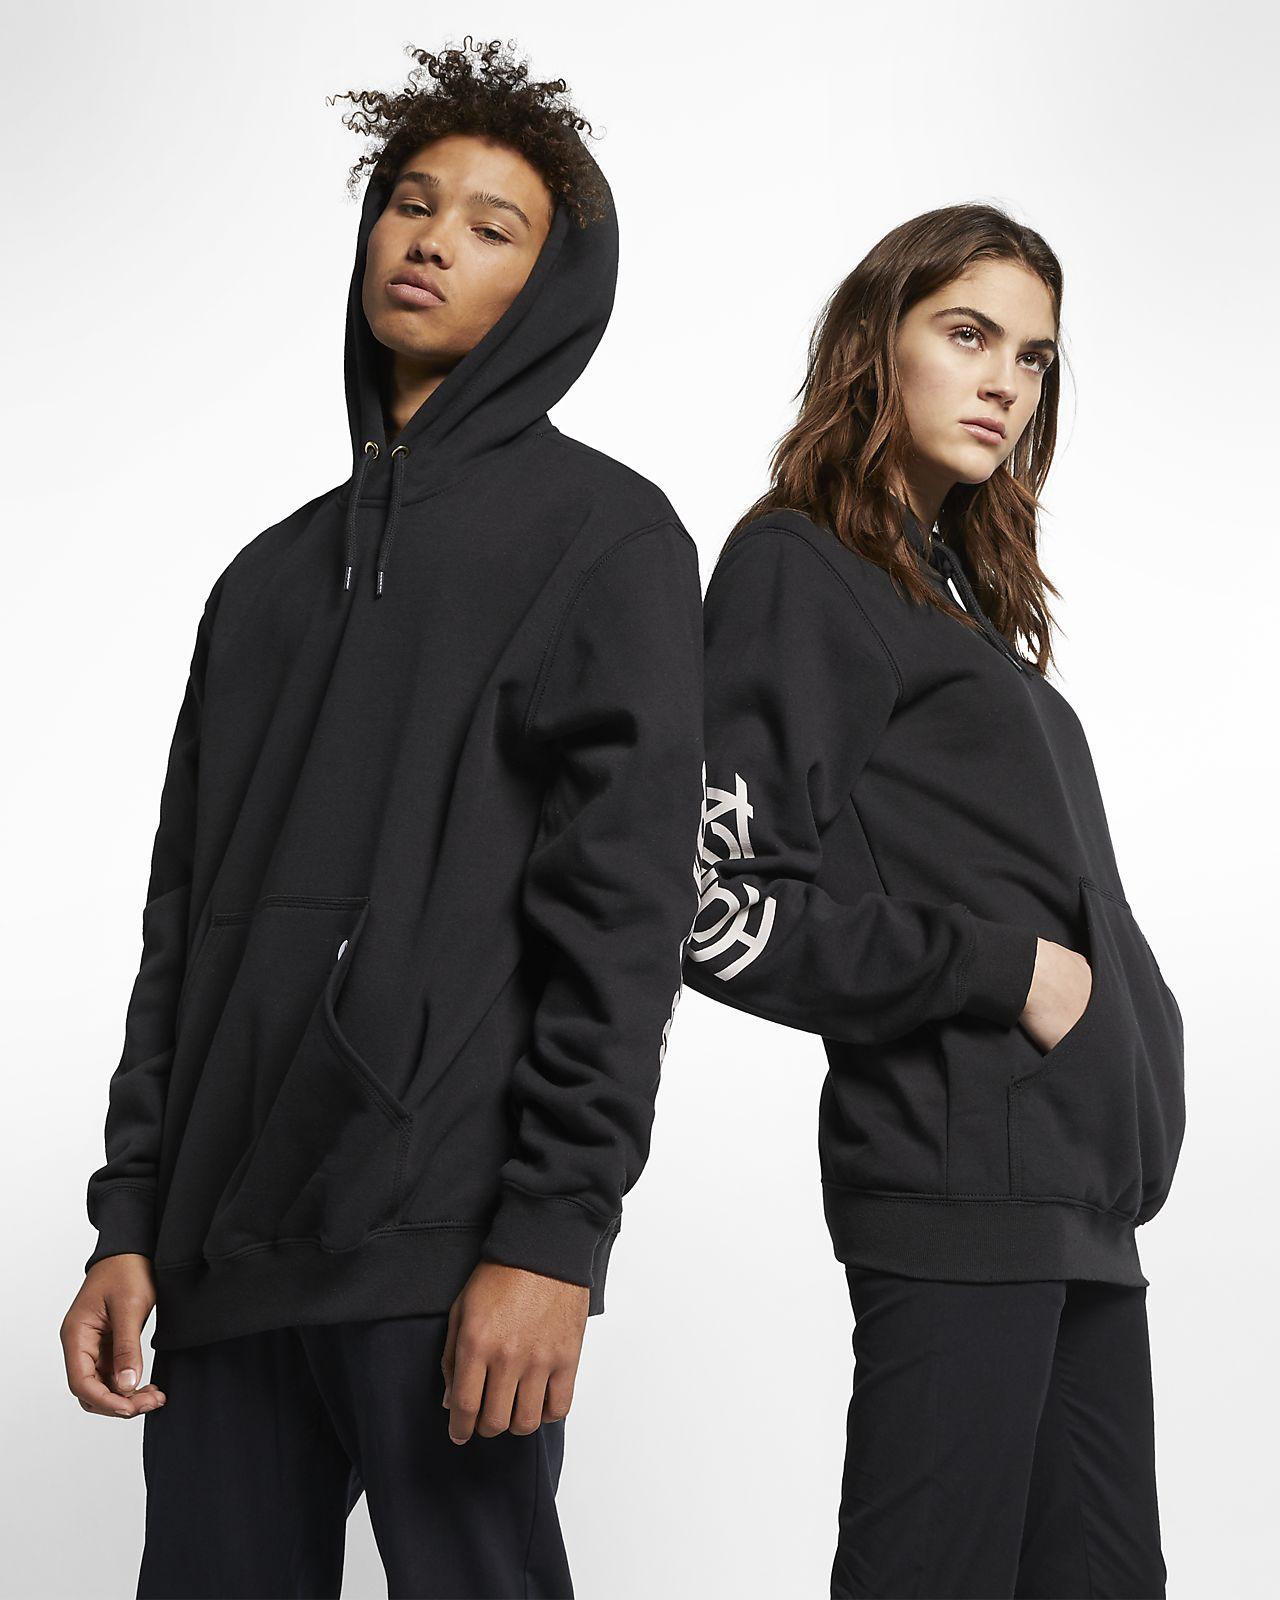 Hurley x Carhartt OG Fleece Pullover Hoodie